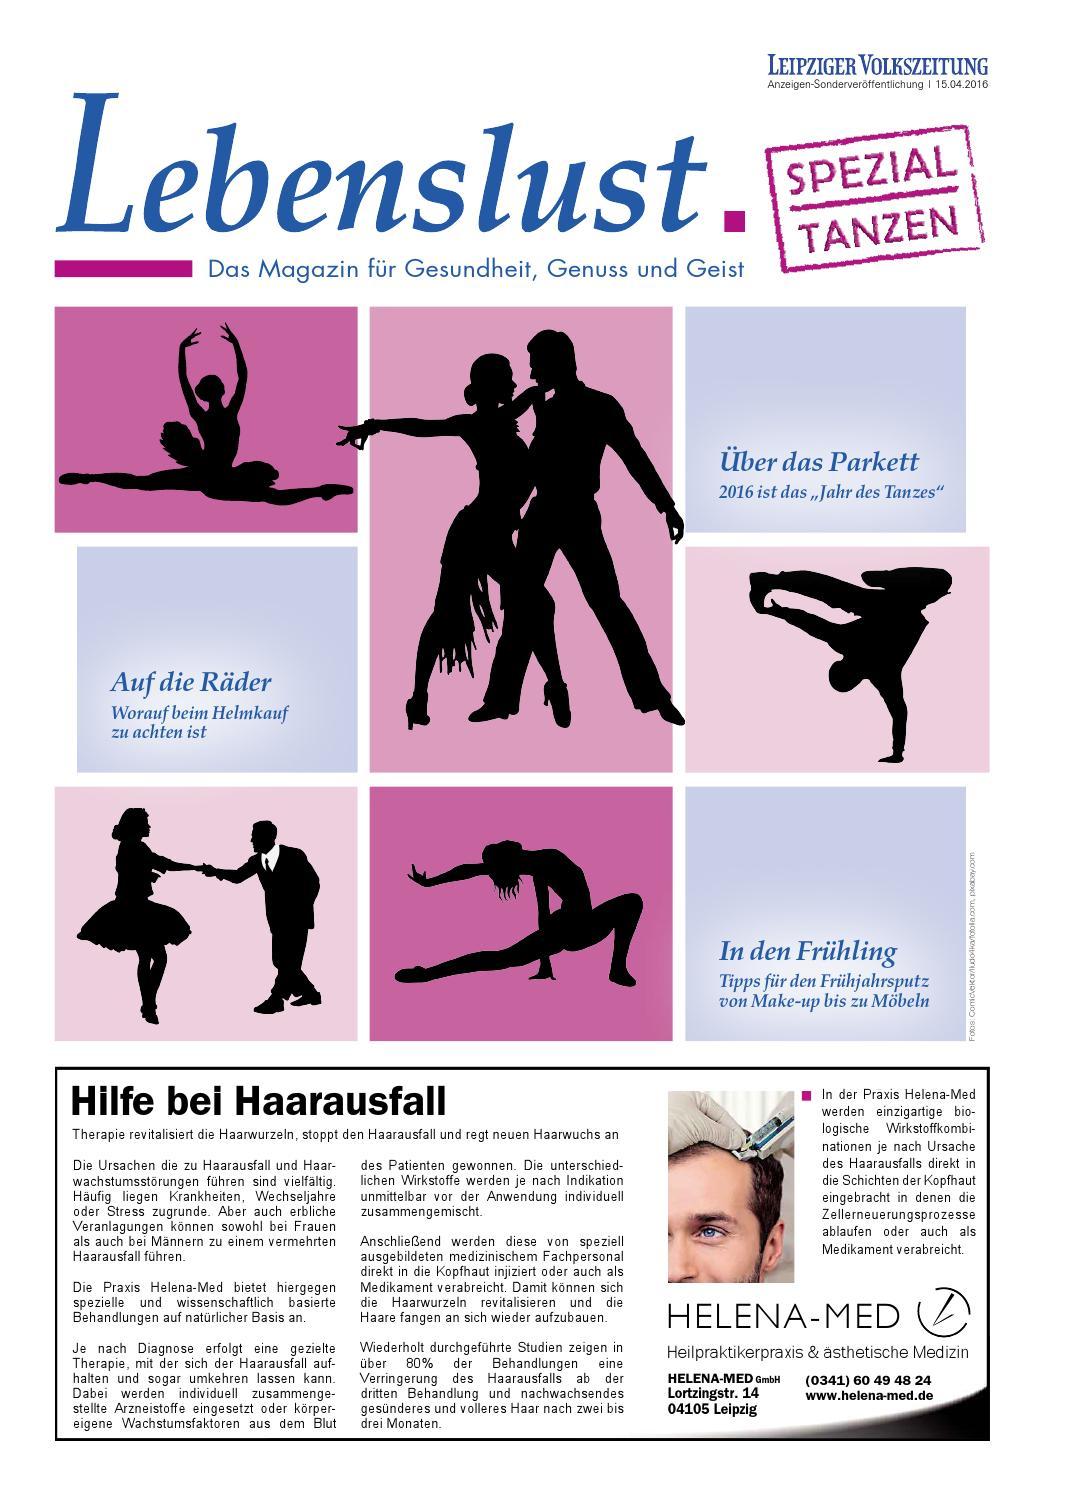 Lebenslust April 2016 Das Magazin Fur Gesundheit Genuss Und Geist By Leipzig Media Gmbh Ein Unternehmen Der Leipziger Volkszeitung Issuu